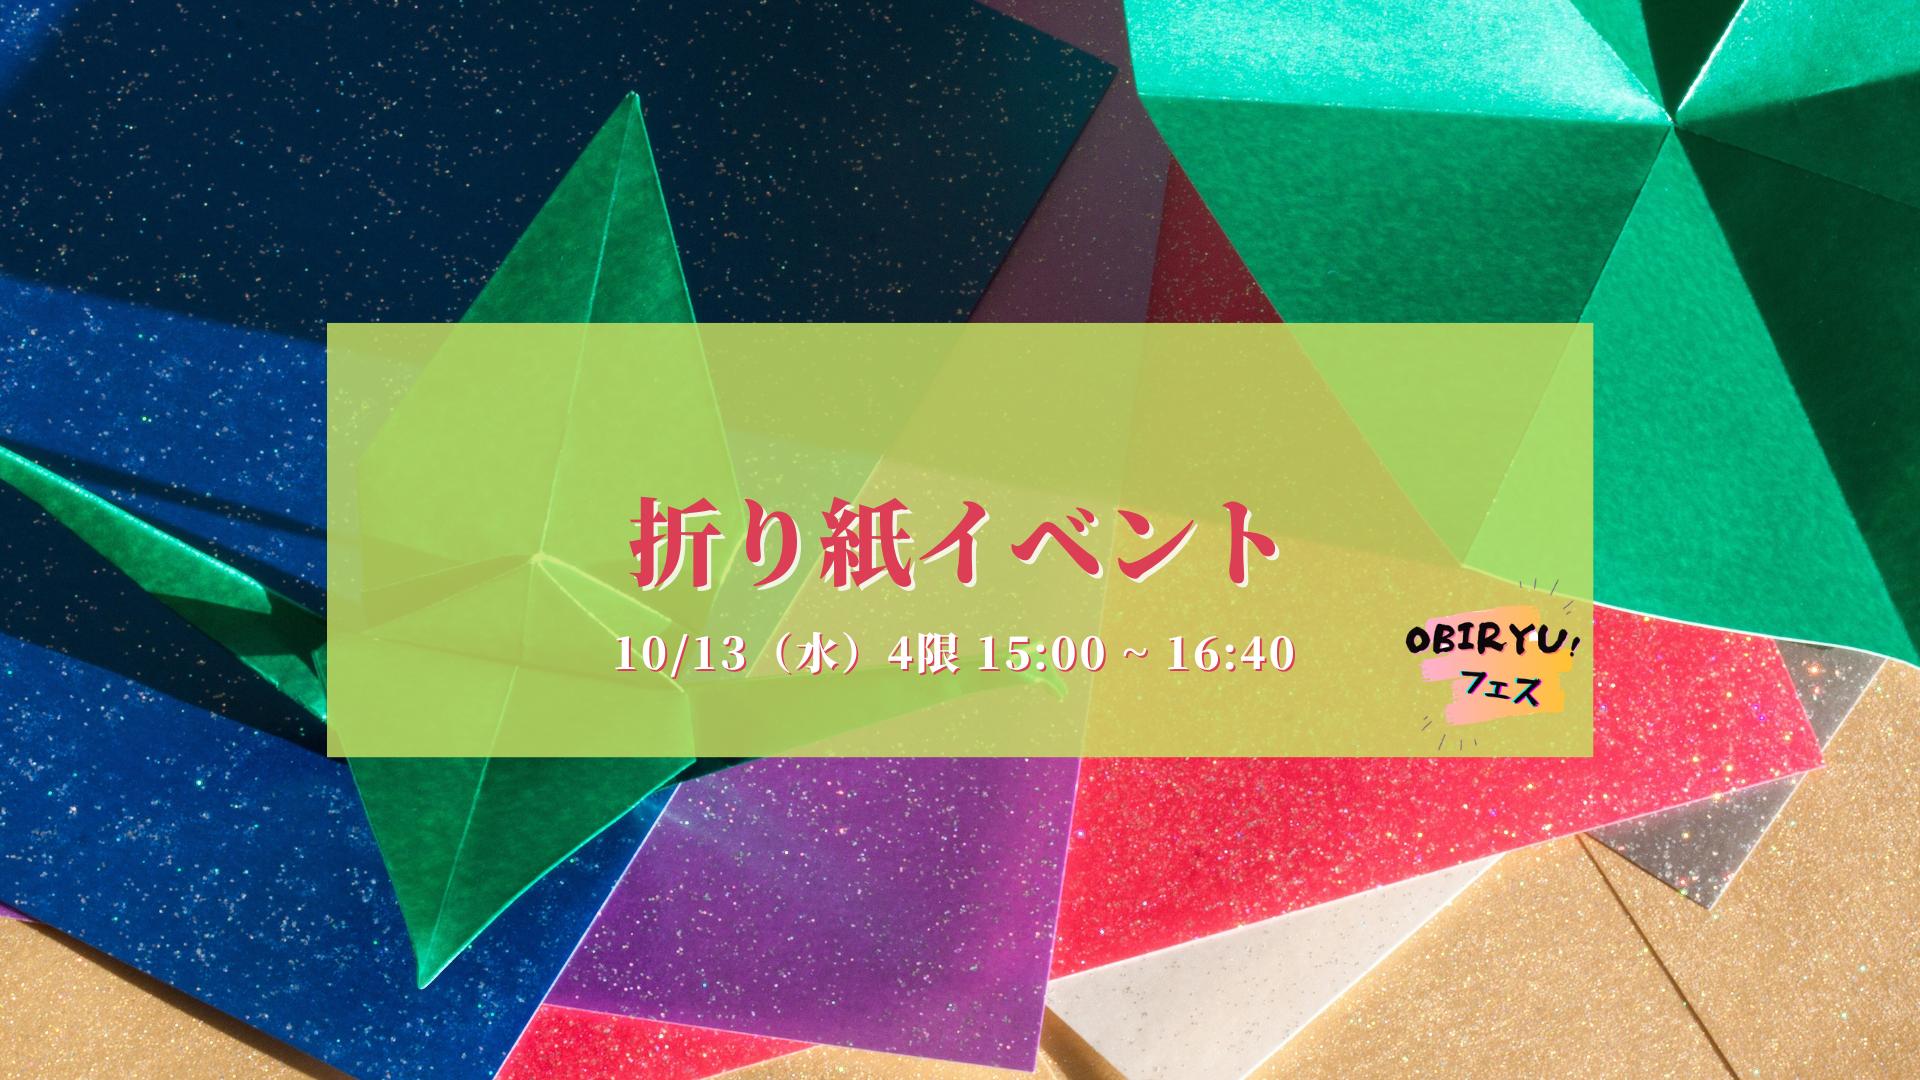 【イベント】折り紙イベント